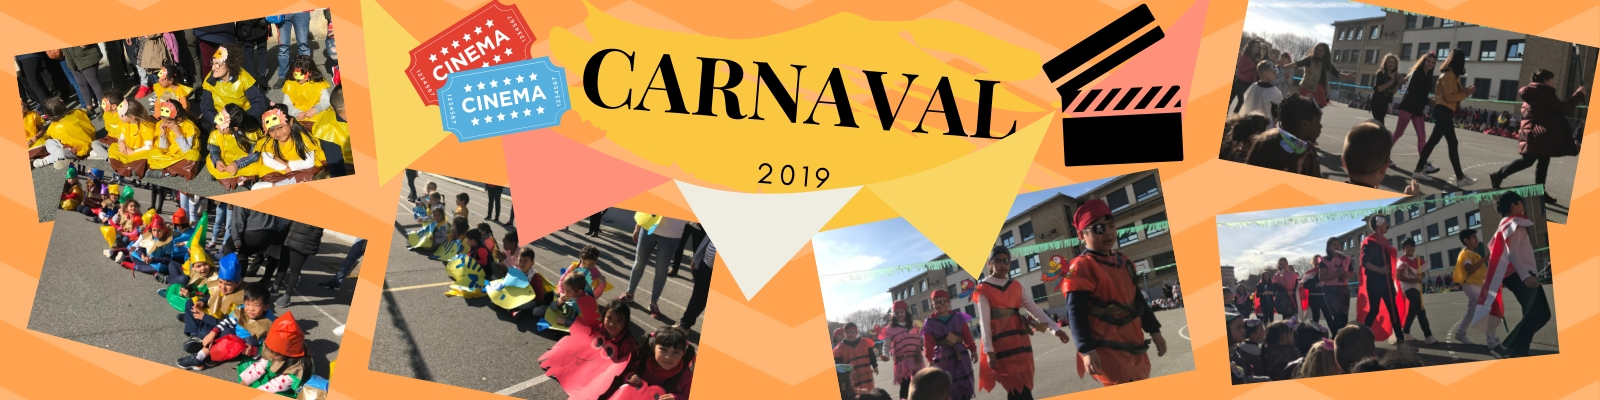 Un carnaval de película